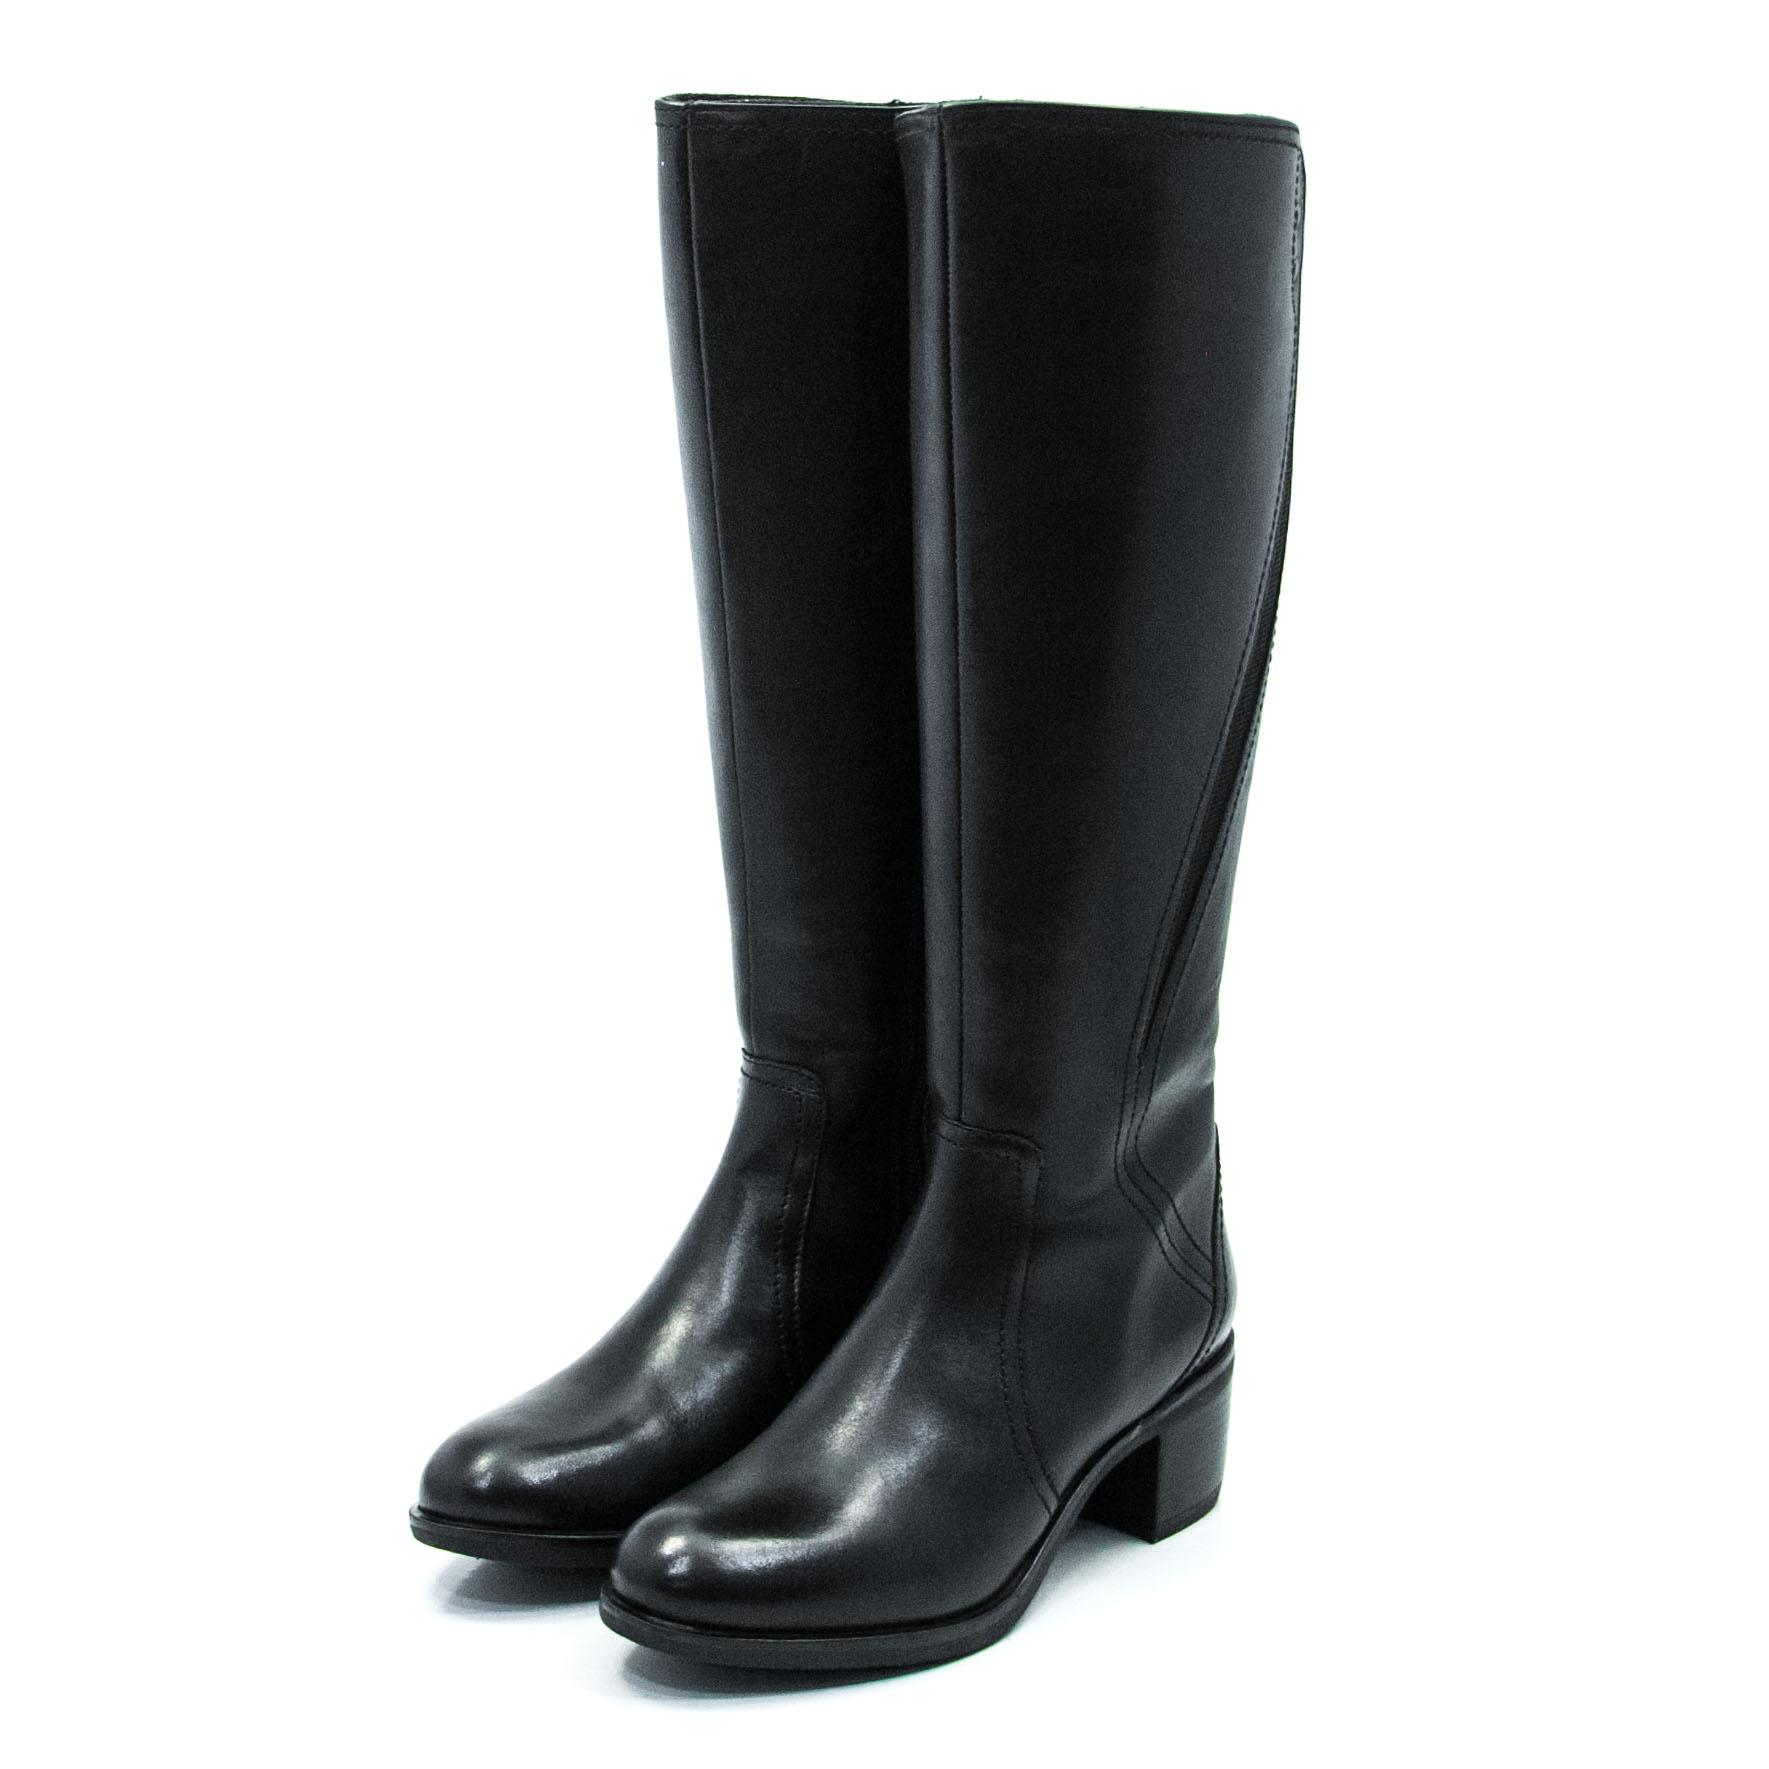 Γυναικεία μπότα WIKERS A59924